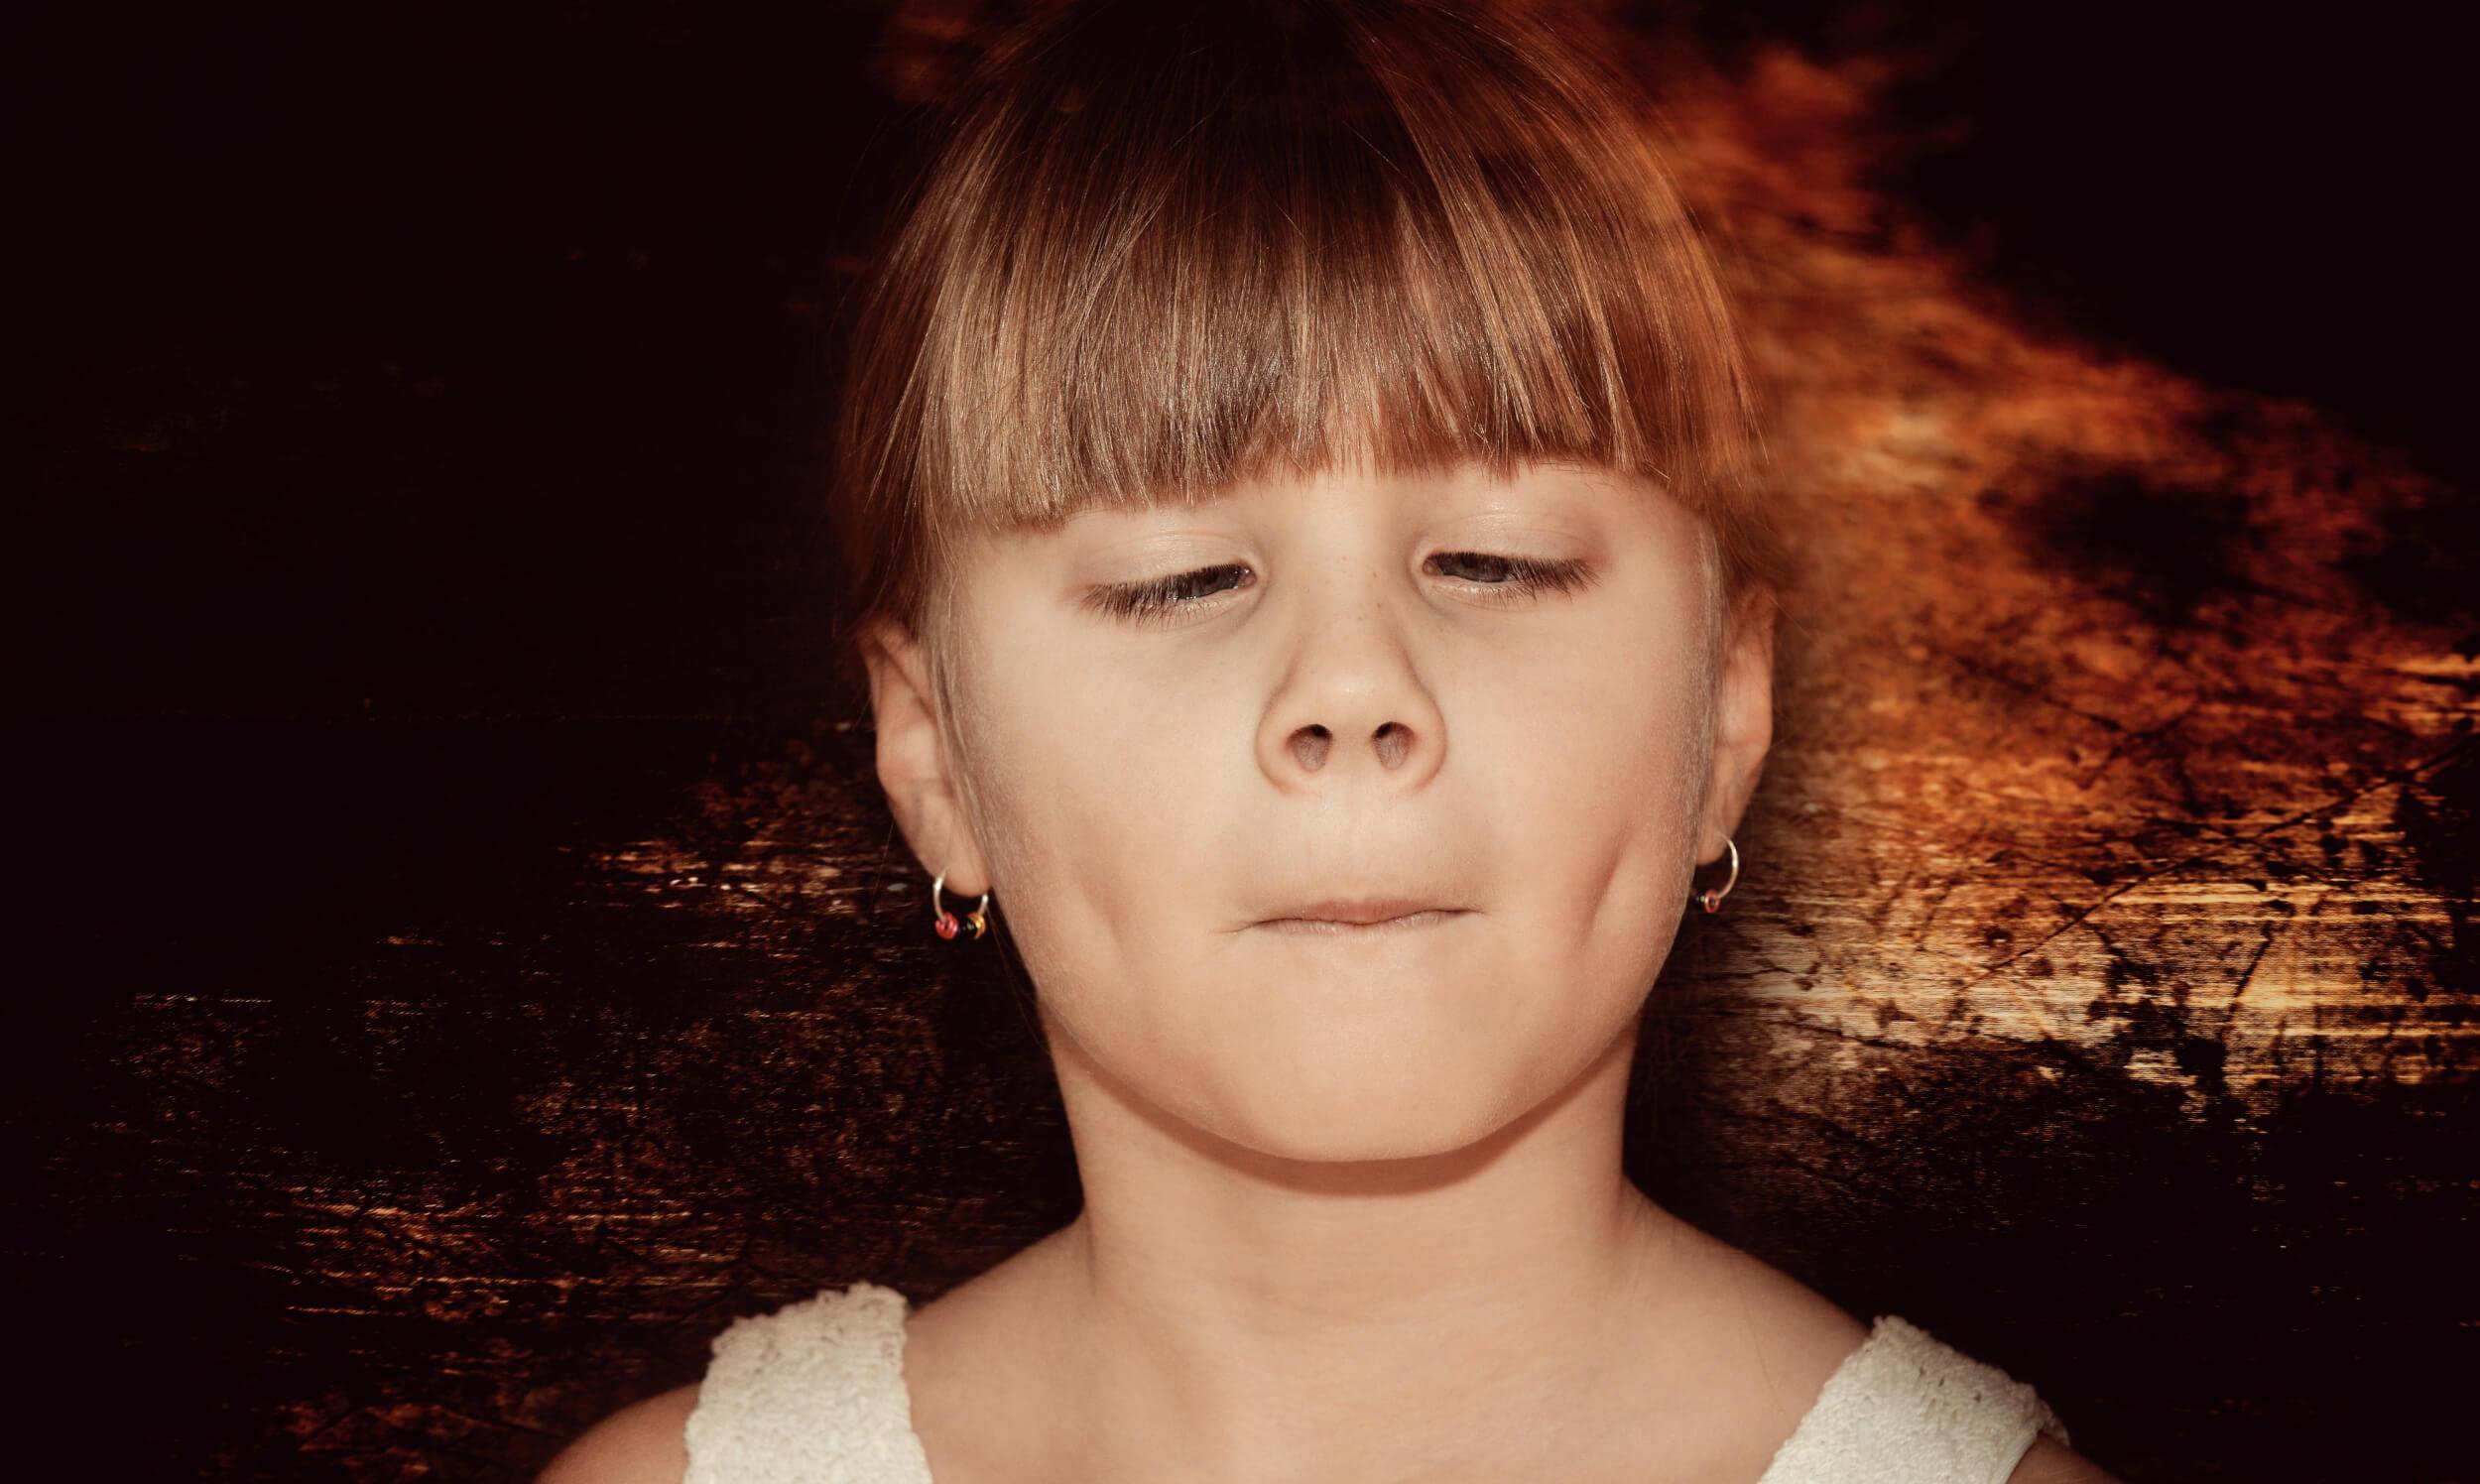 Mädchen schielt (c) pezibaer / pixabay.de